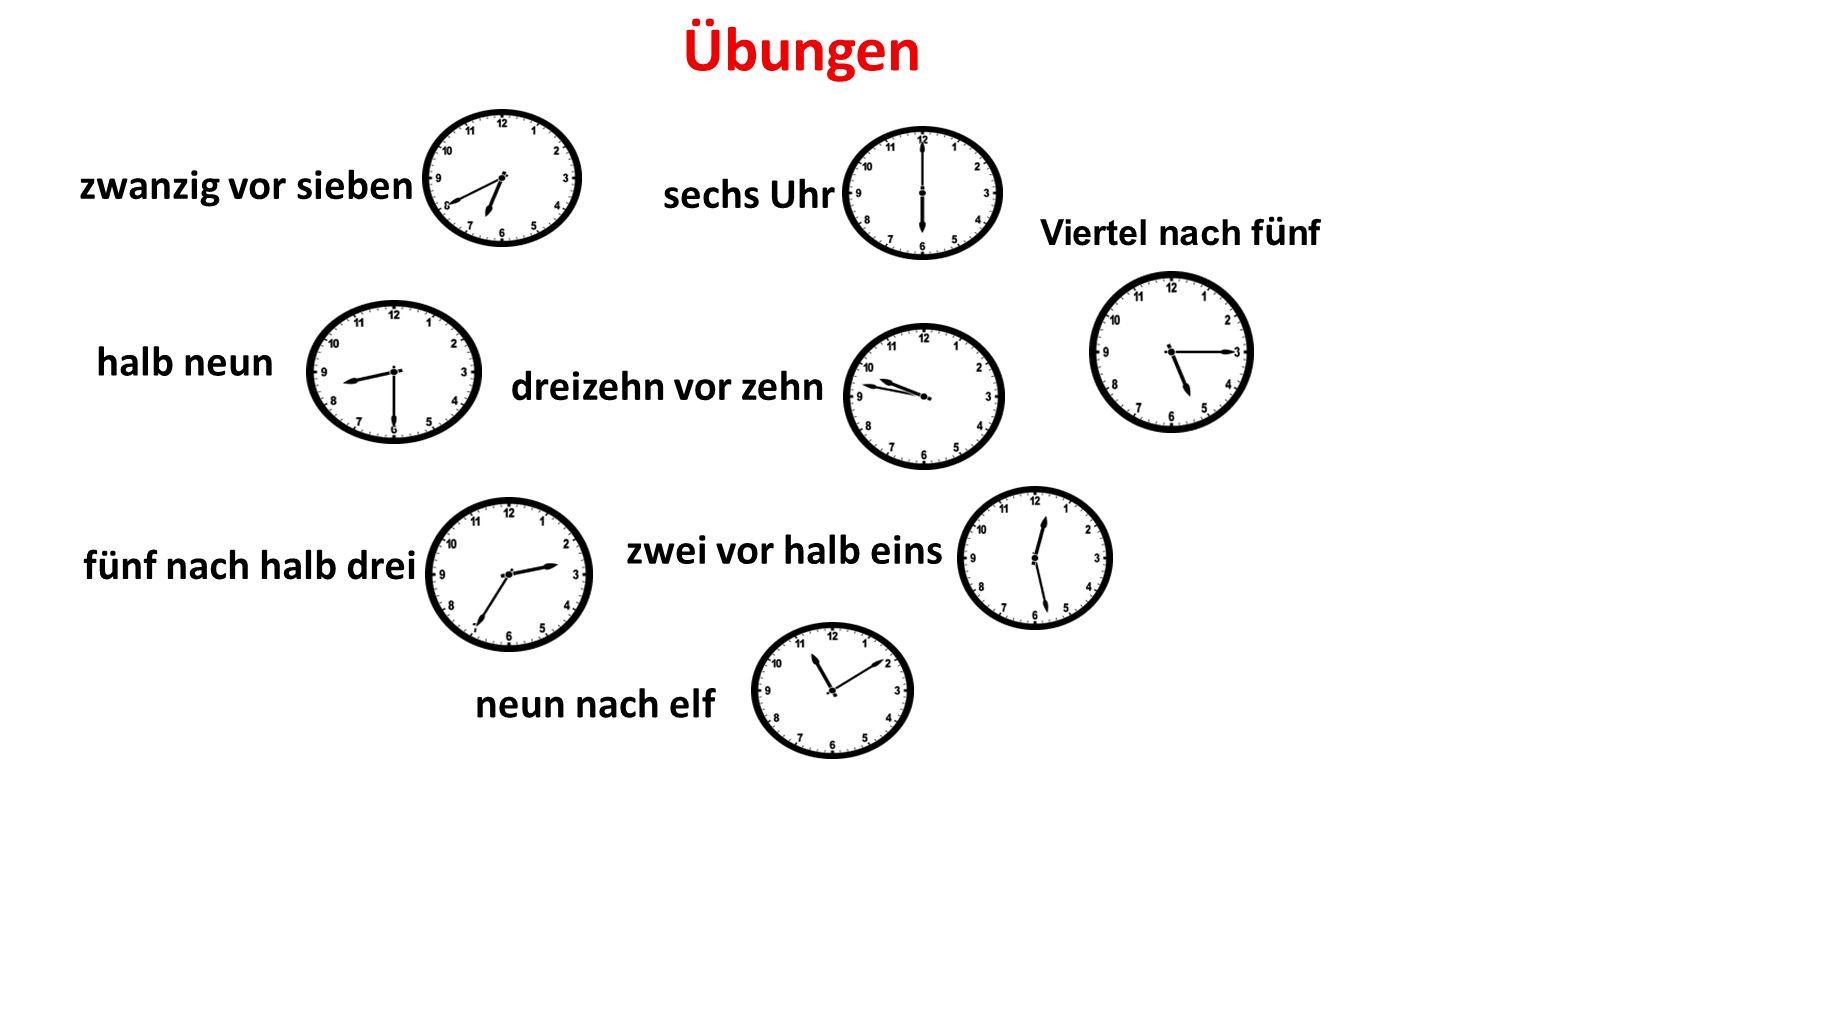 Übungen halb neun zwanzig vor sieben fünf nach halb drei sechs Uhr dreizehn vor zehn zwei vor halb eins neun nach elf Viertel nach f ü nf